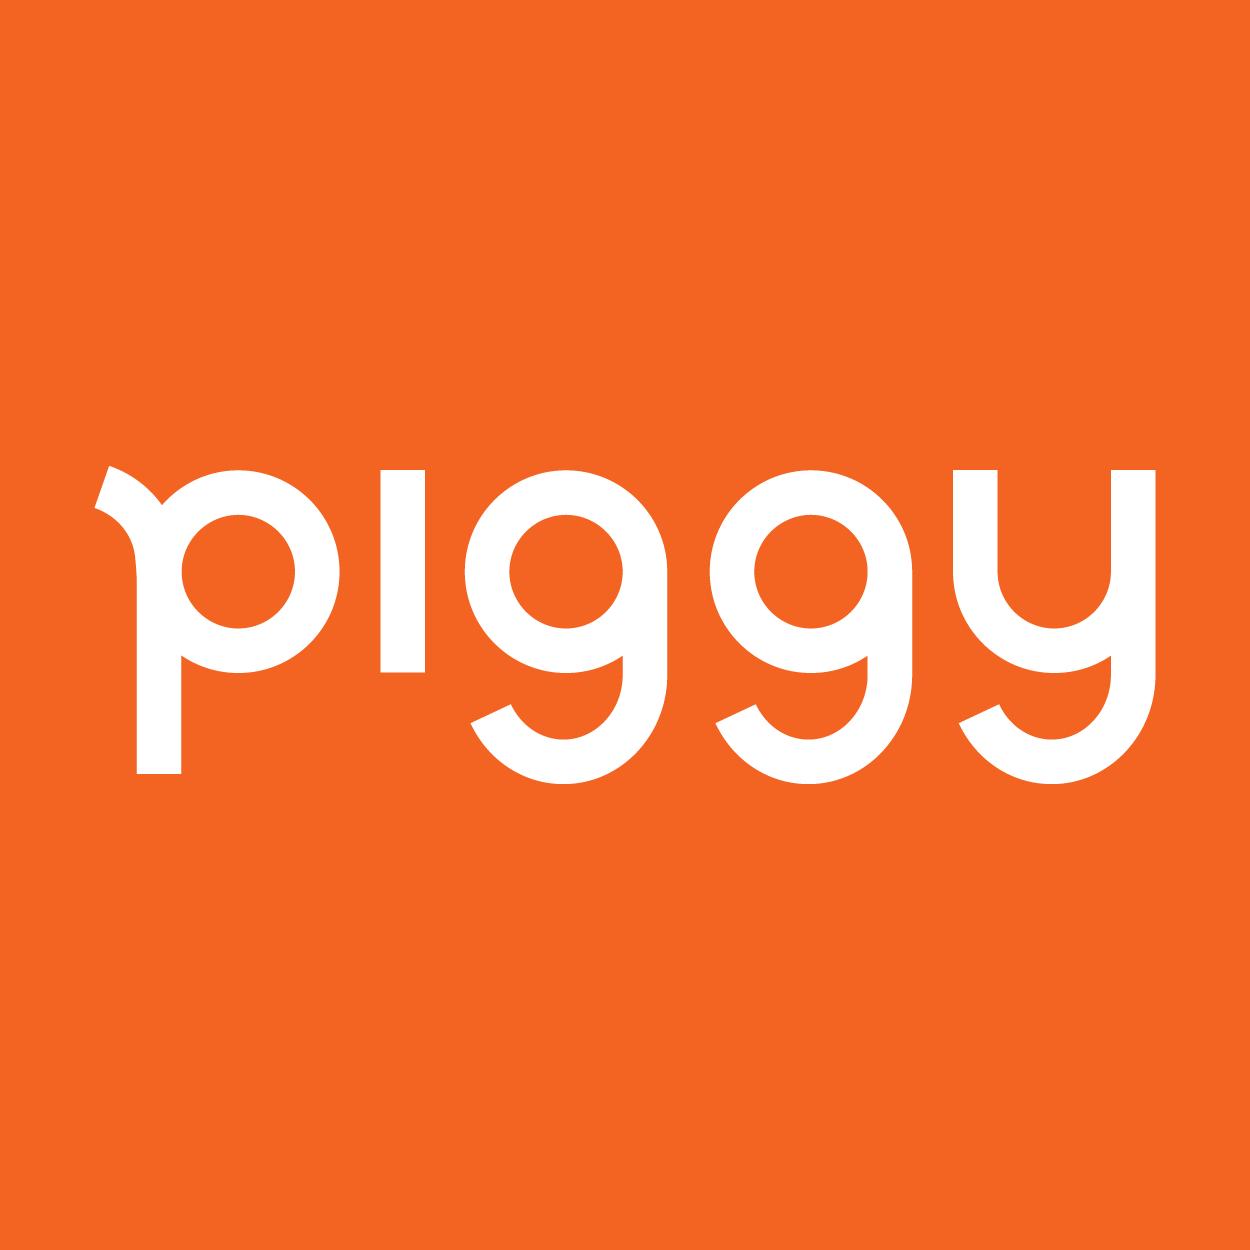 https://assets.lightspeedhq.com/img/2018/08/1abf66da-piggy-logo_oranje.png